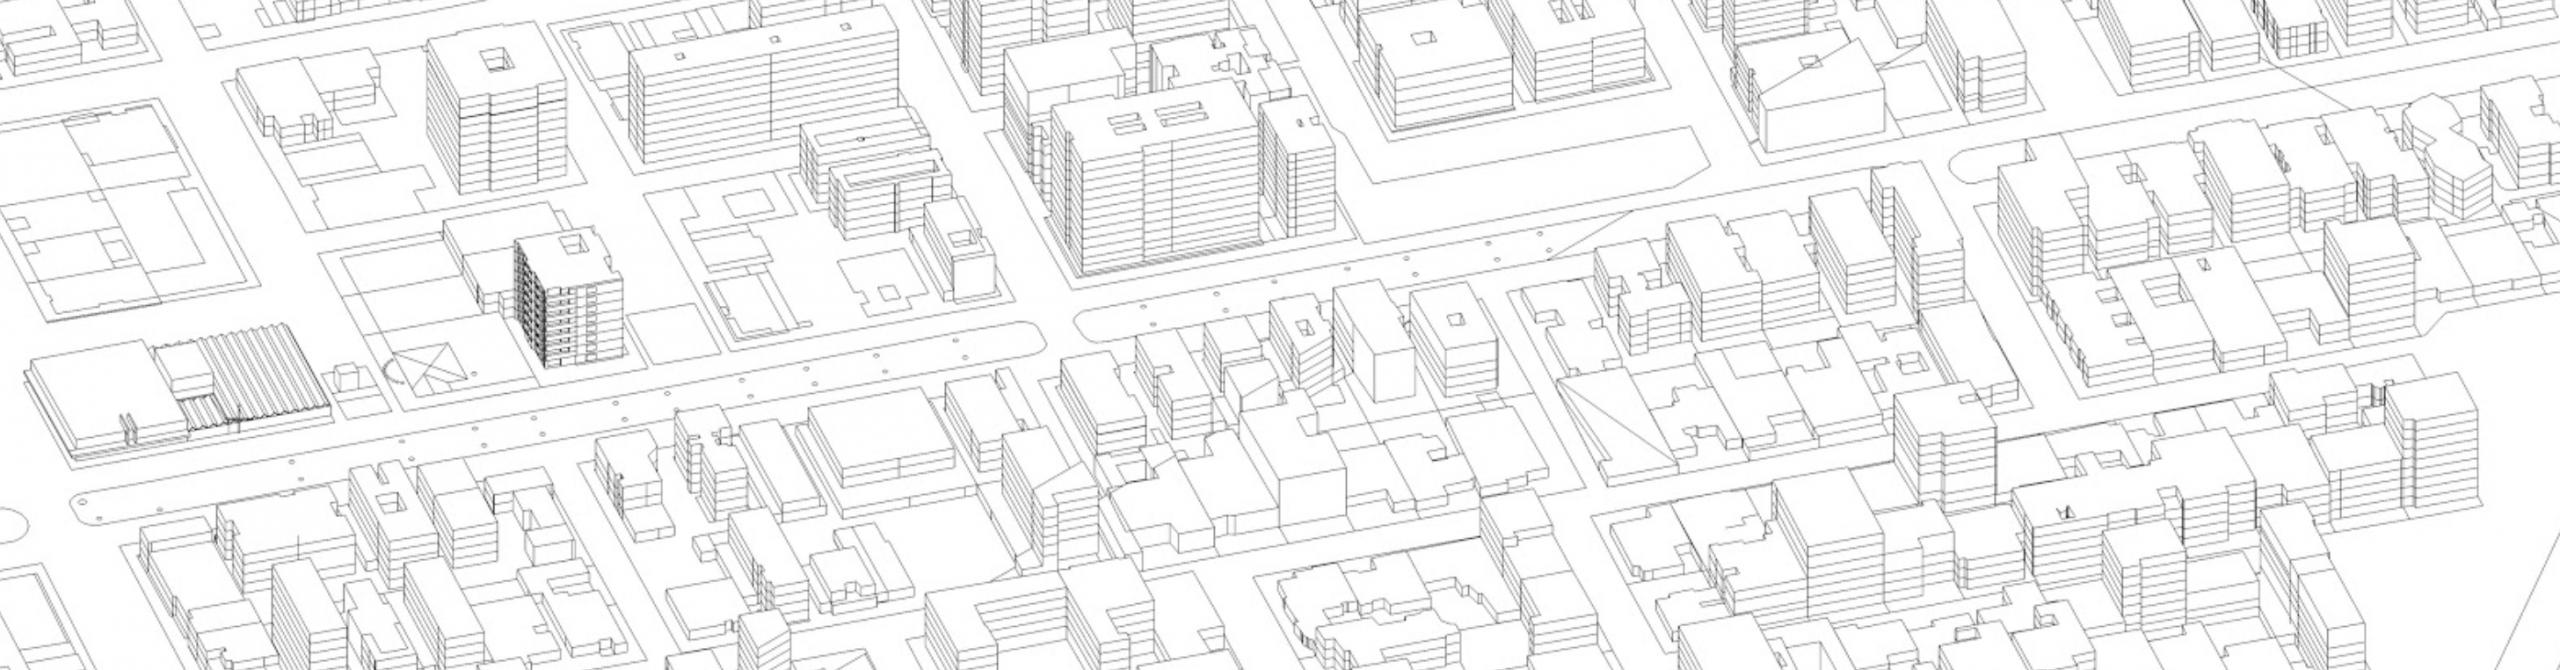 Gestionamostuciudad - Vecinos y comunidad de propietarios